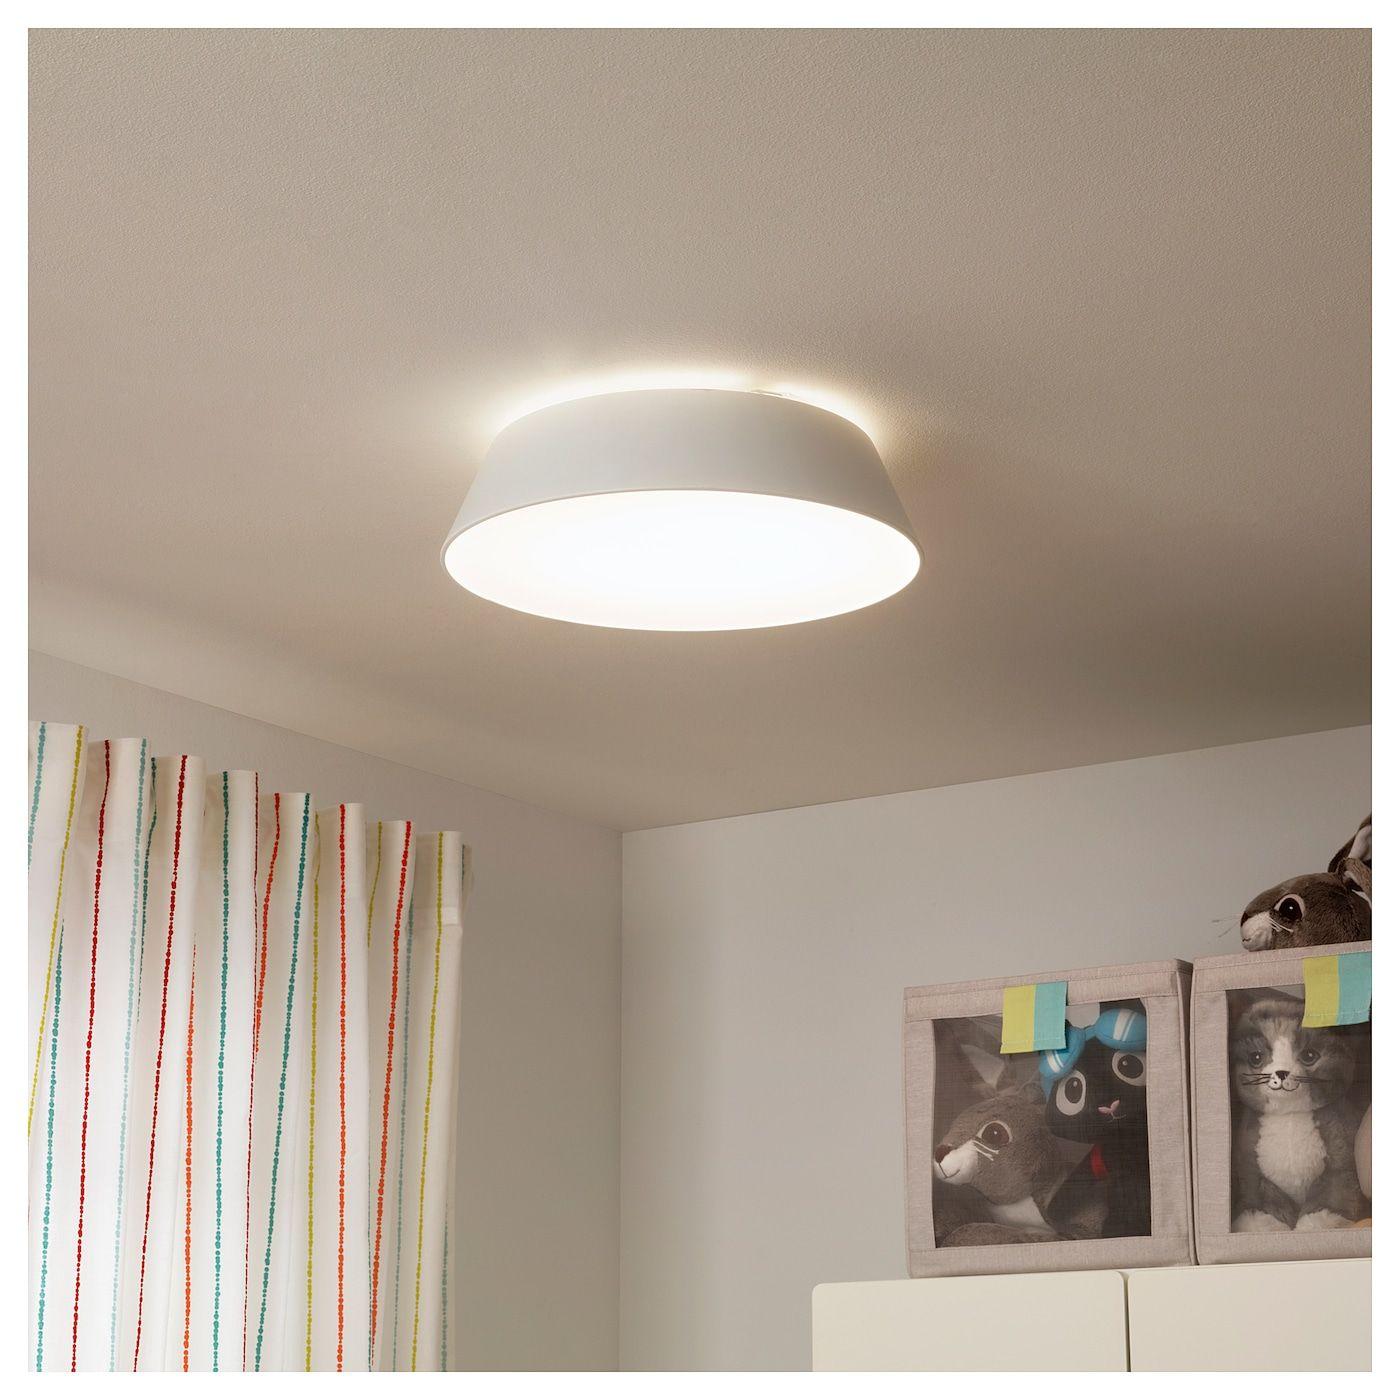 Full Size of Lampen Wohnzimmer Decke Ikea Fubbla Deckenleuchte Deckenleuchten Lampe Badezimmer Deckenlampen Modern Bad Led Rollo Küche Tisch Großes Bild Tischlampe Deko Wohnzimmer Lampen Wohnzimmer Decke Ikea